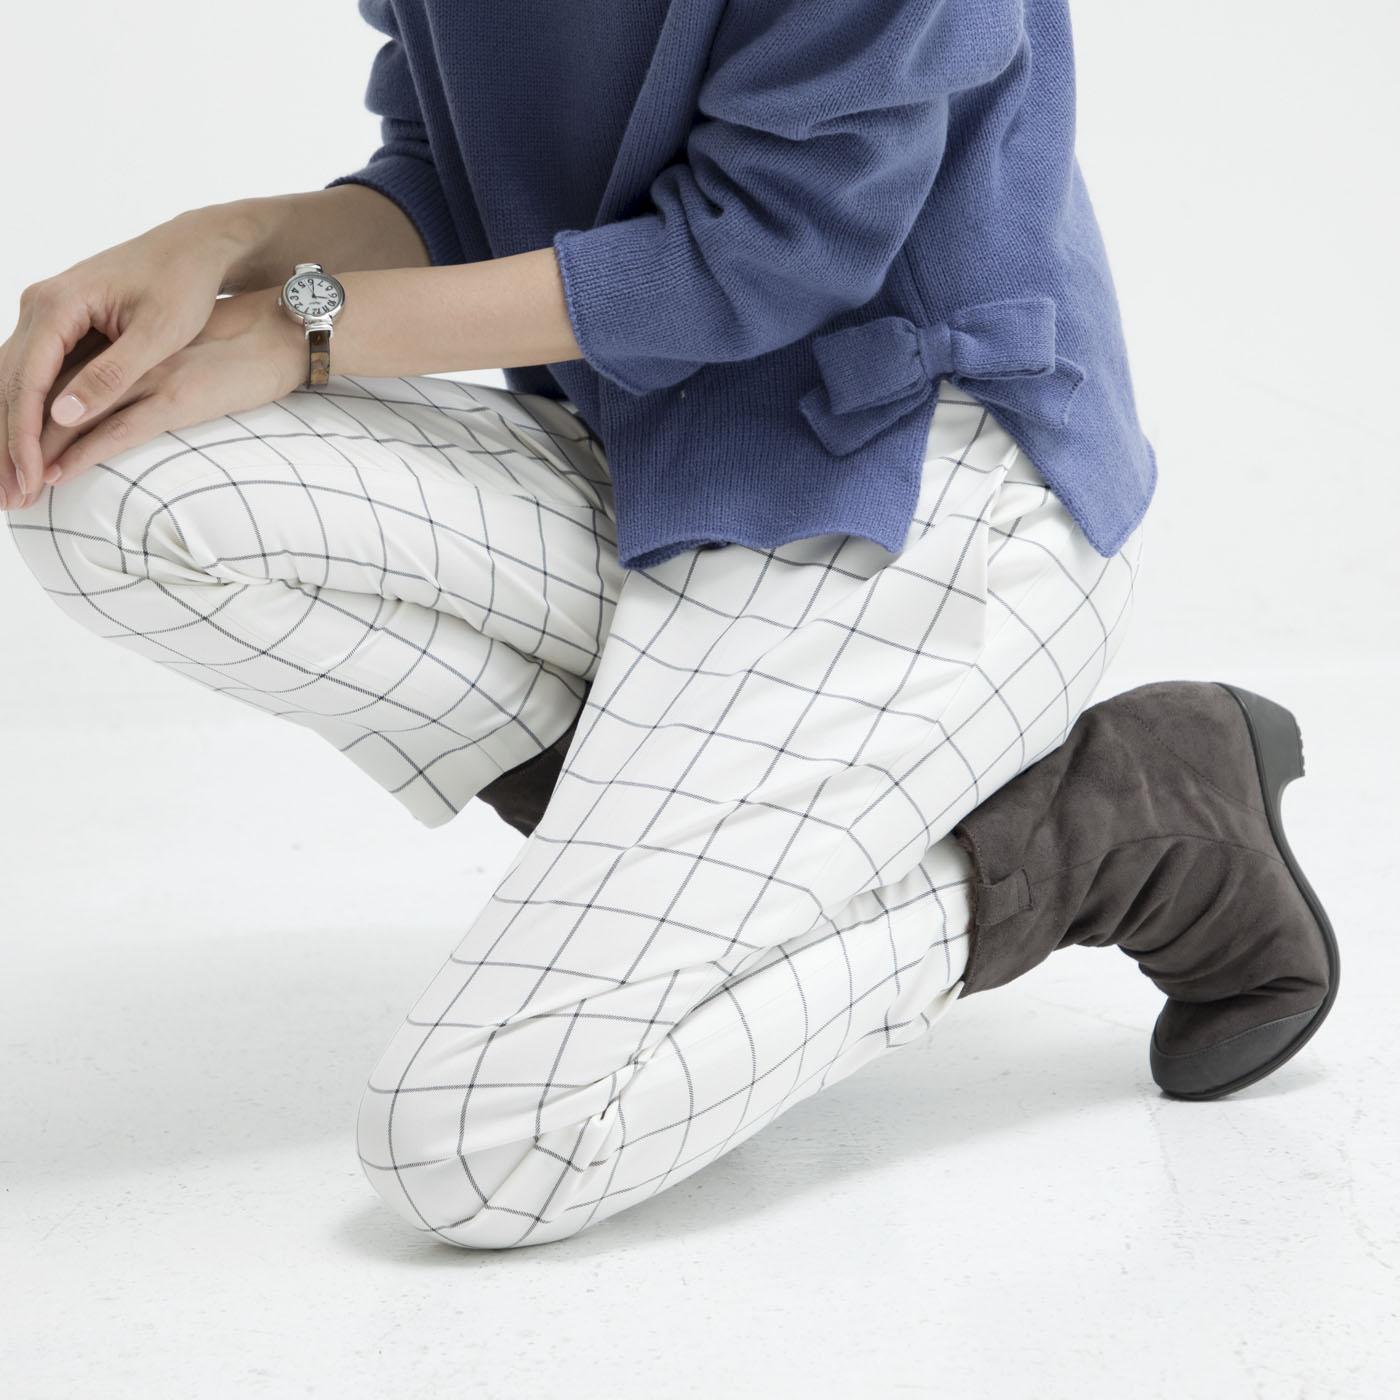 ヒールと一体型になった、ゴム素材のモールドソール。足の動きに合わせてしなやかに曲がって歩きやすい。